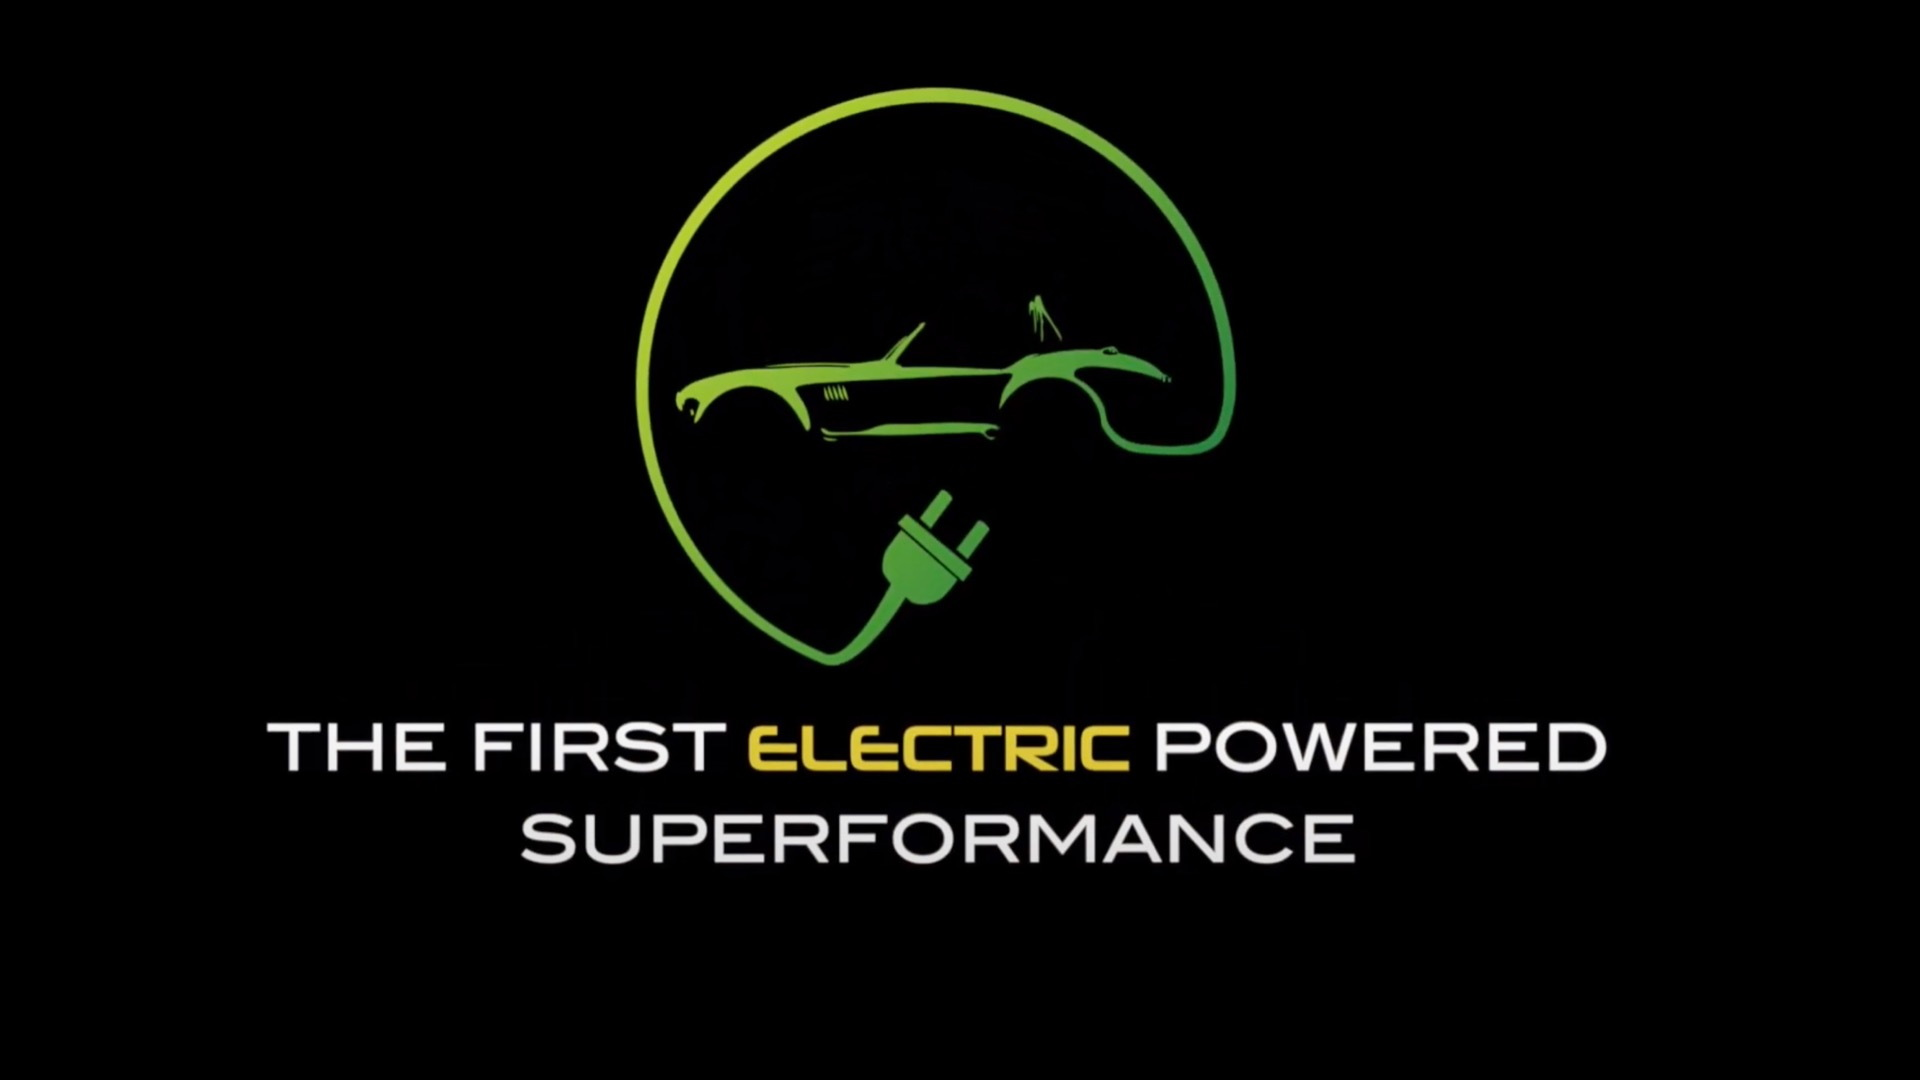 Superformance electric Cobra teaser